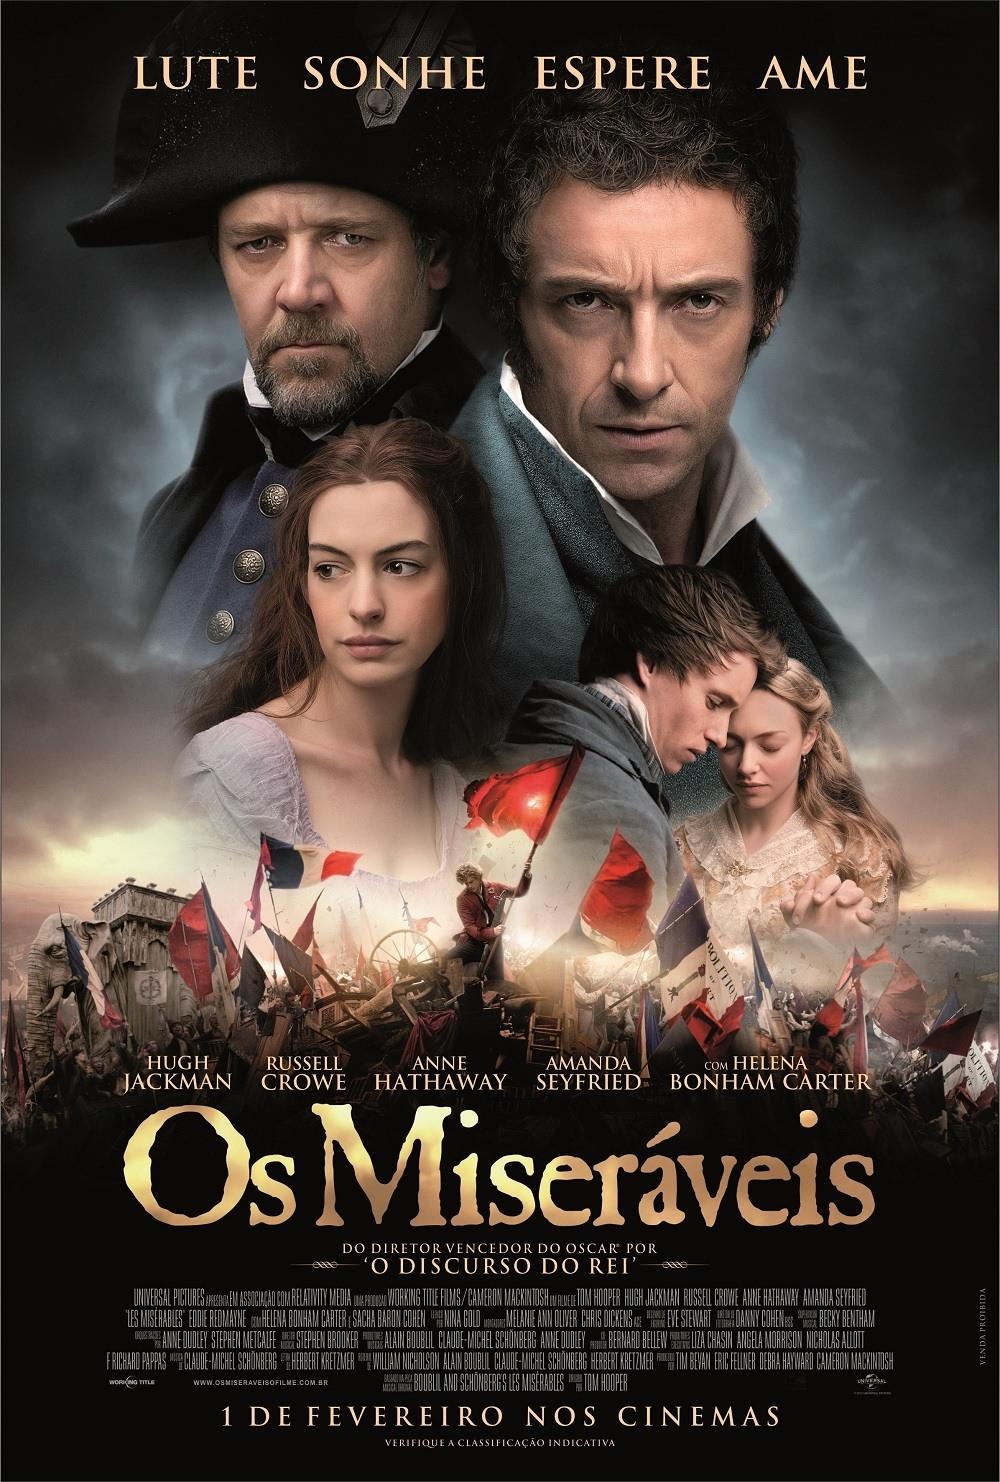 praassistir_osmiseraveis1